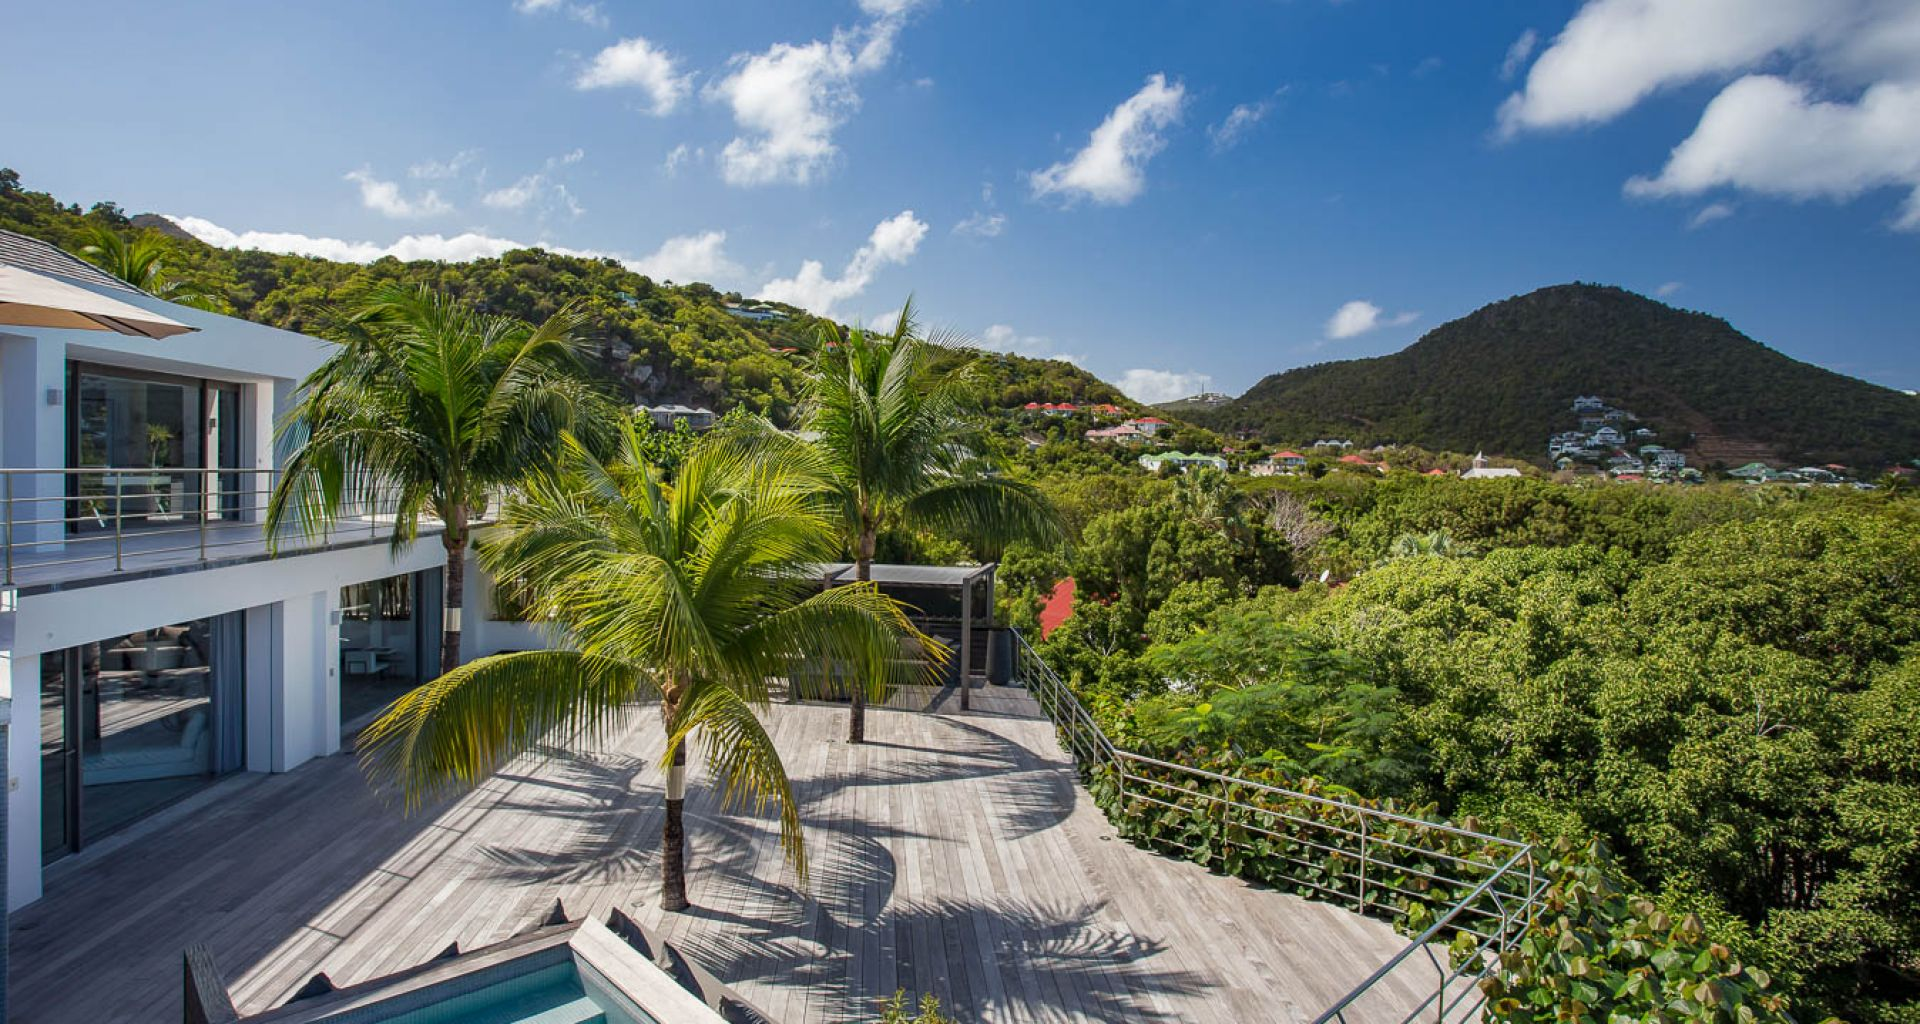 Villa Avenstar, St-Barts, Caribbean